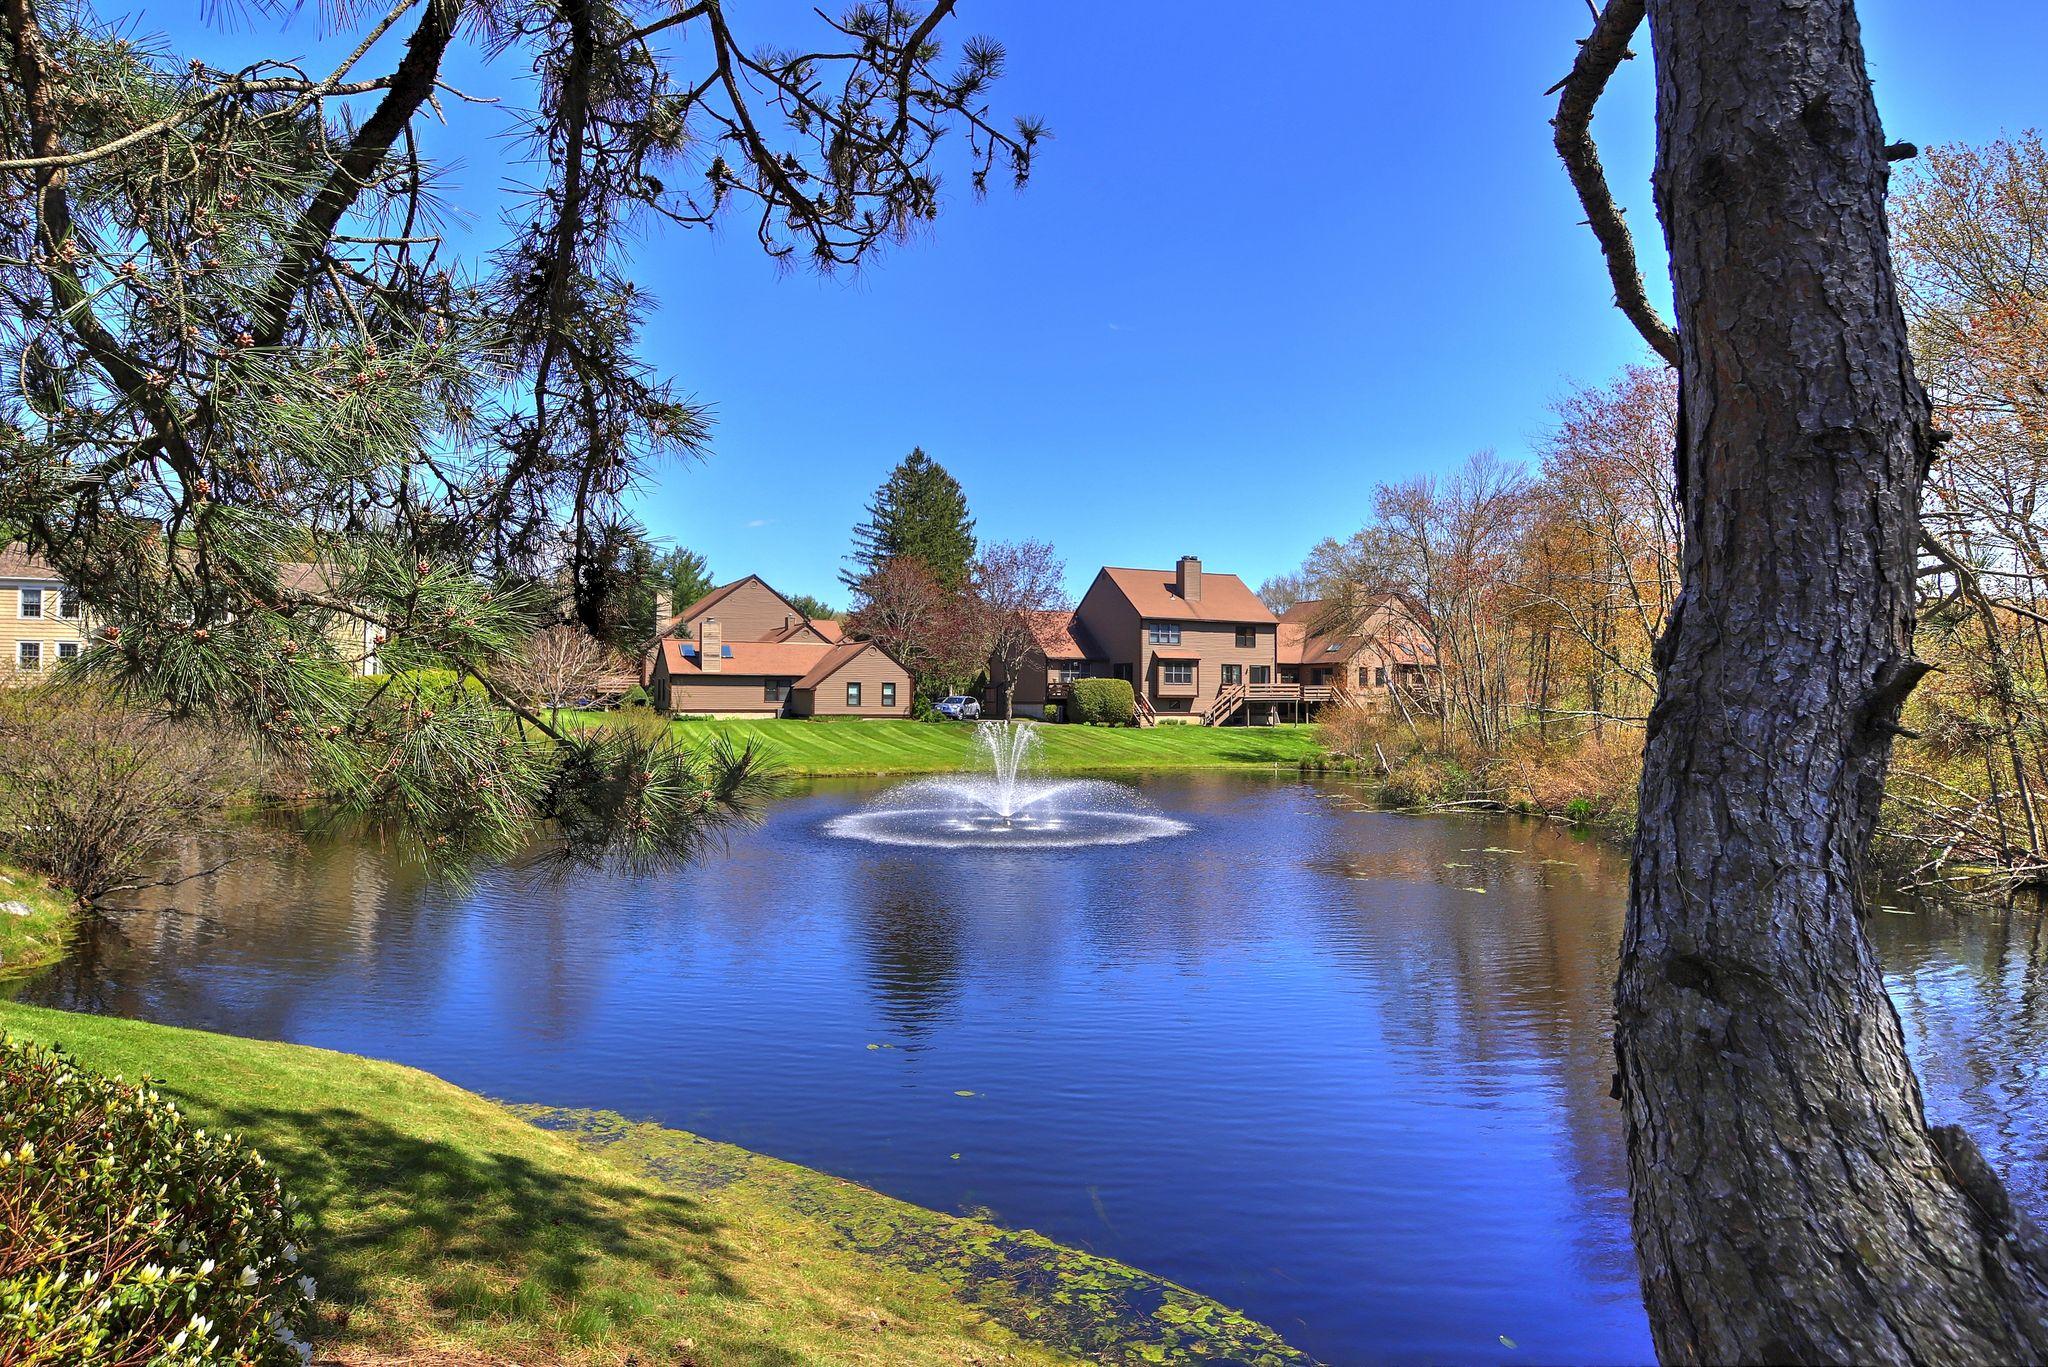 northbrook condo pond